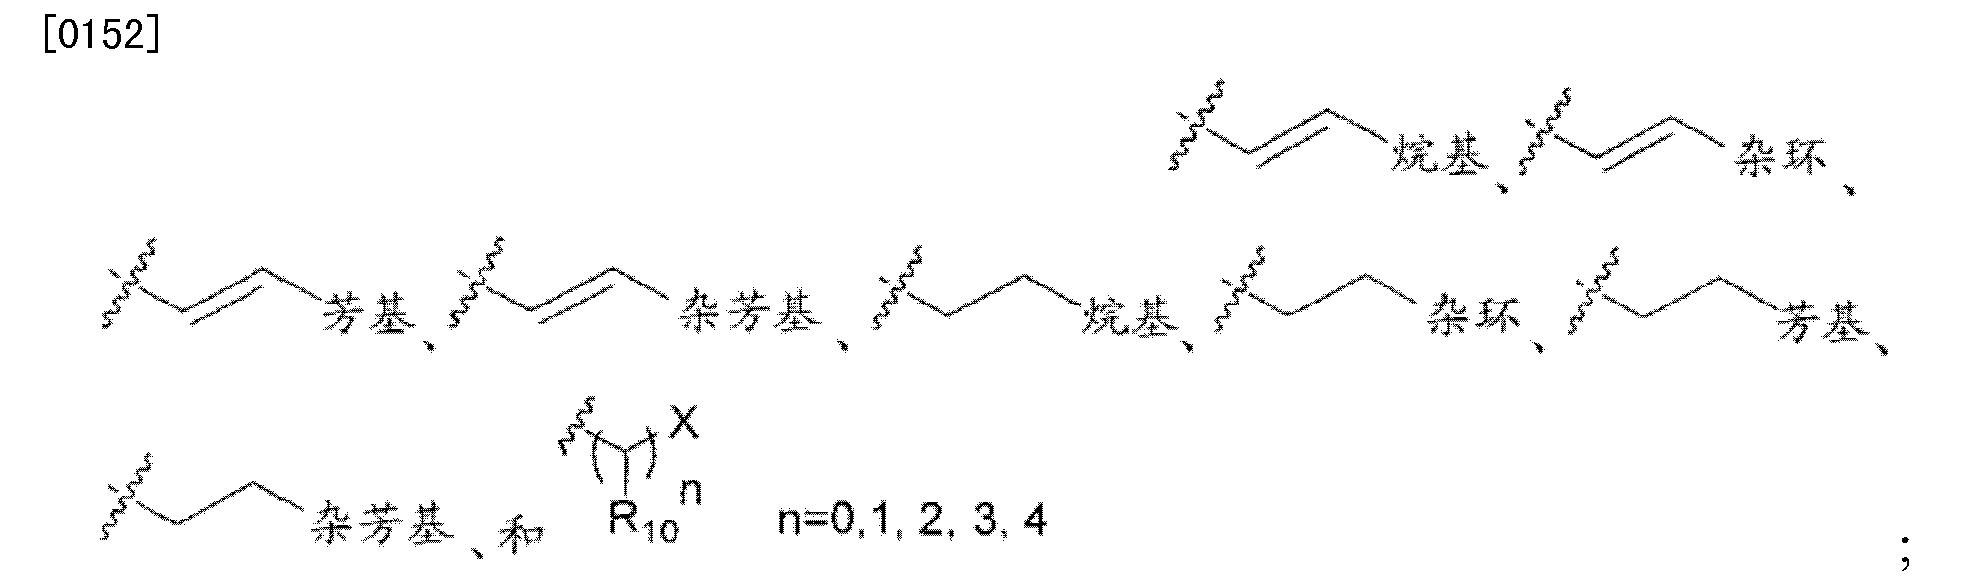 Figure CN102448458BD00272